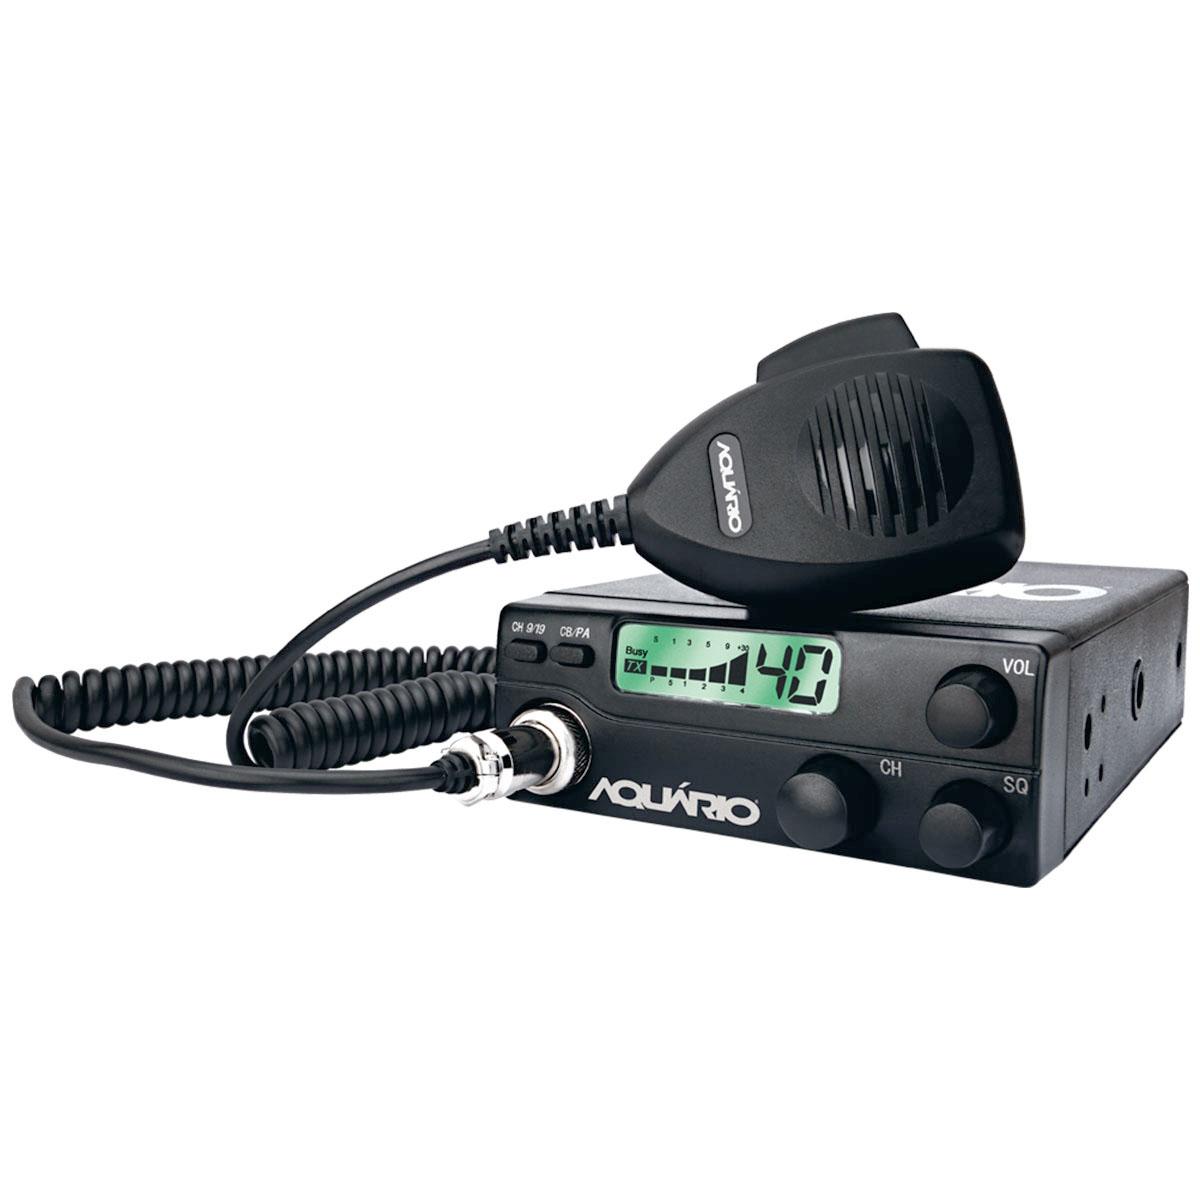 RP 40 - R�dio PX 40 Canais AM RP40 Aqu�rio